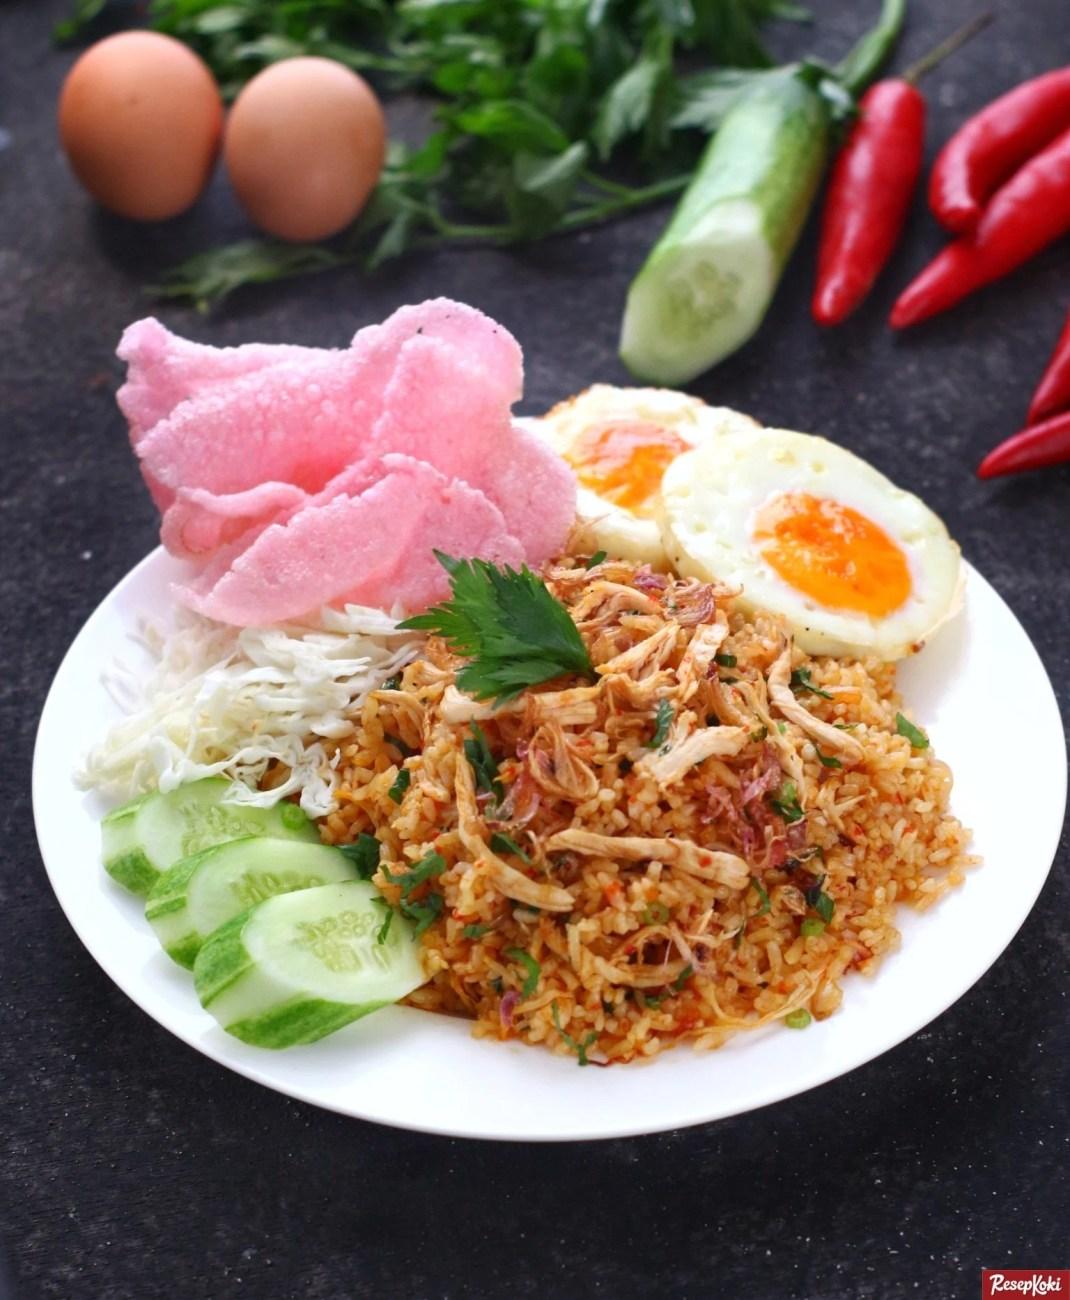 Resep Nasi Goreng Merah : resep, goreng, merah, Goreng, Padang, Lezat, Praktis, Resep, ResepKoki